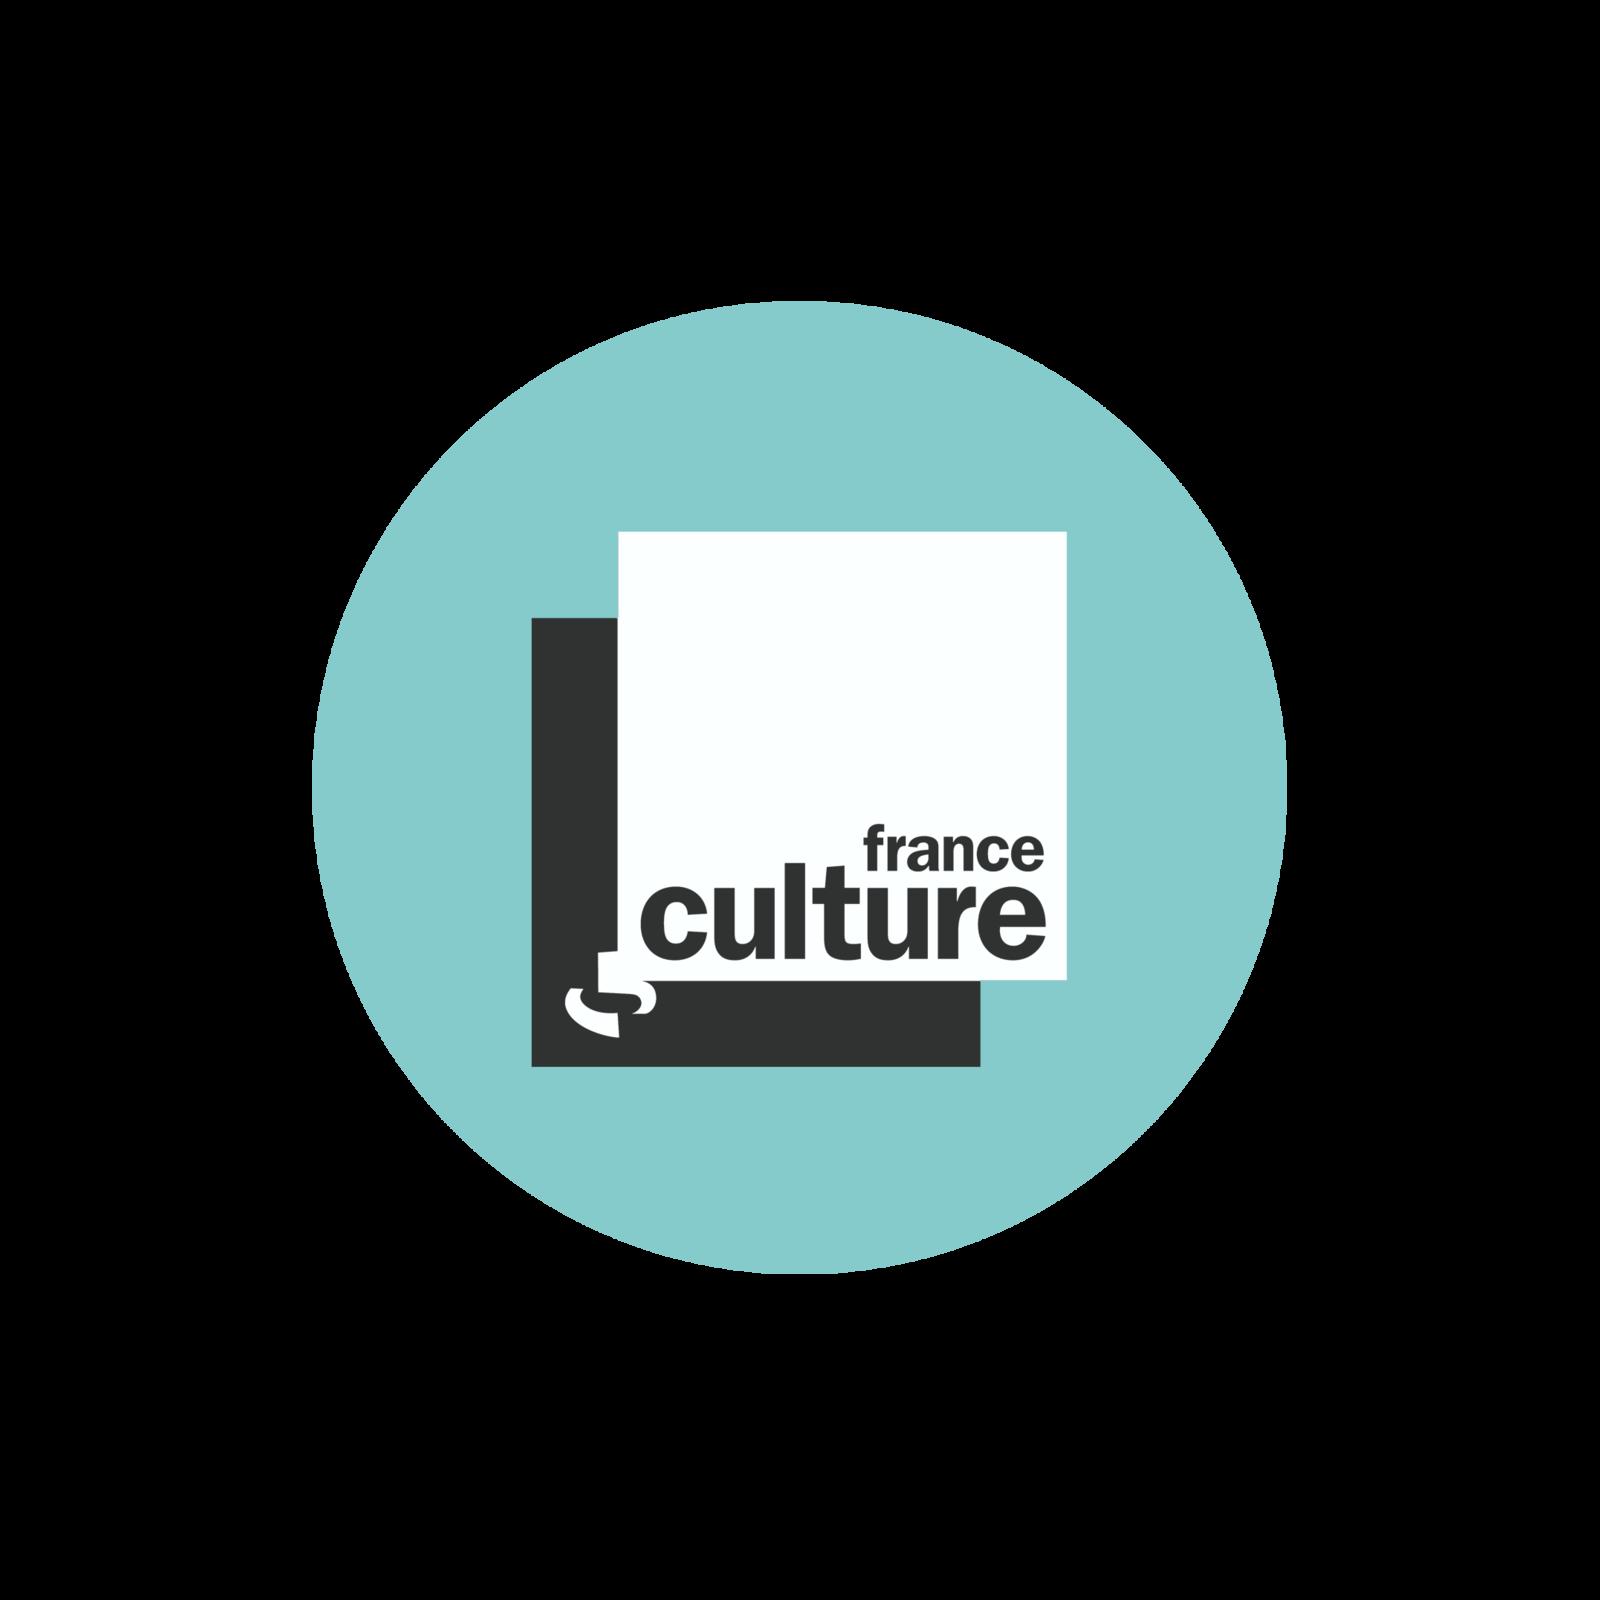 Long entretien inédit avec Jean-Luc Godard sur France Culture.